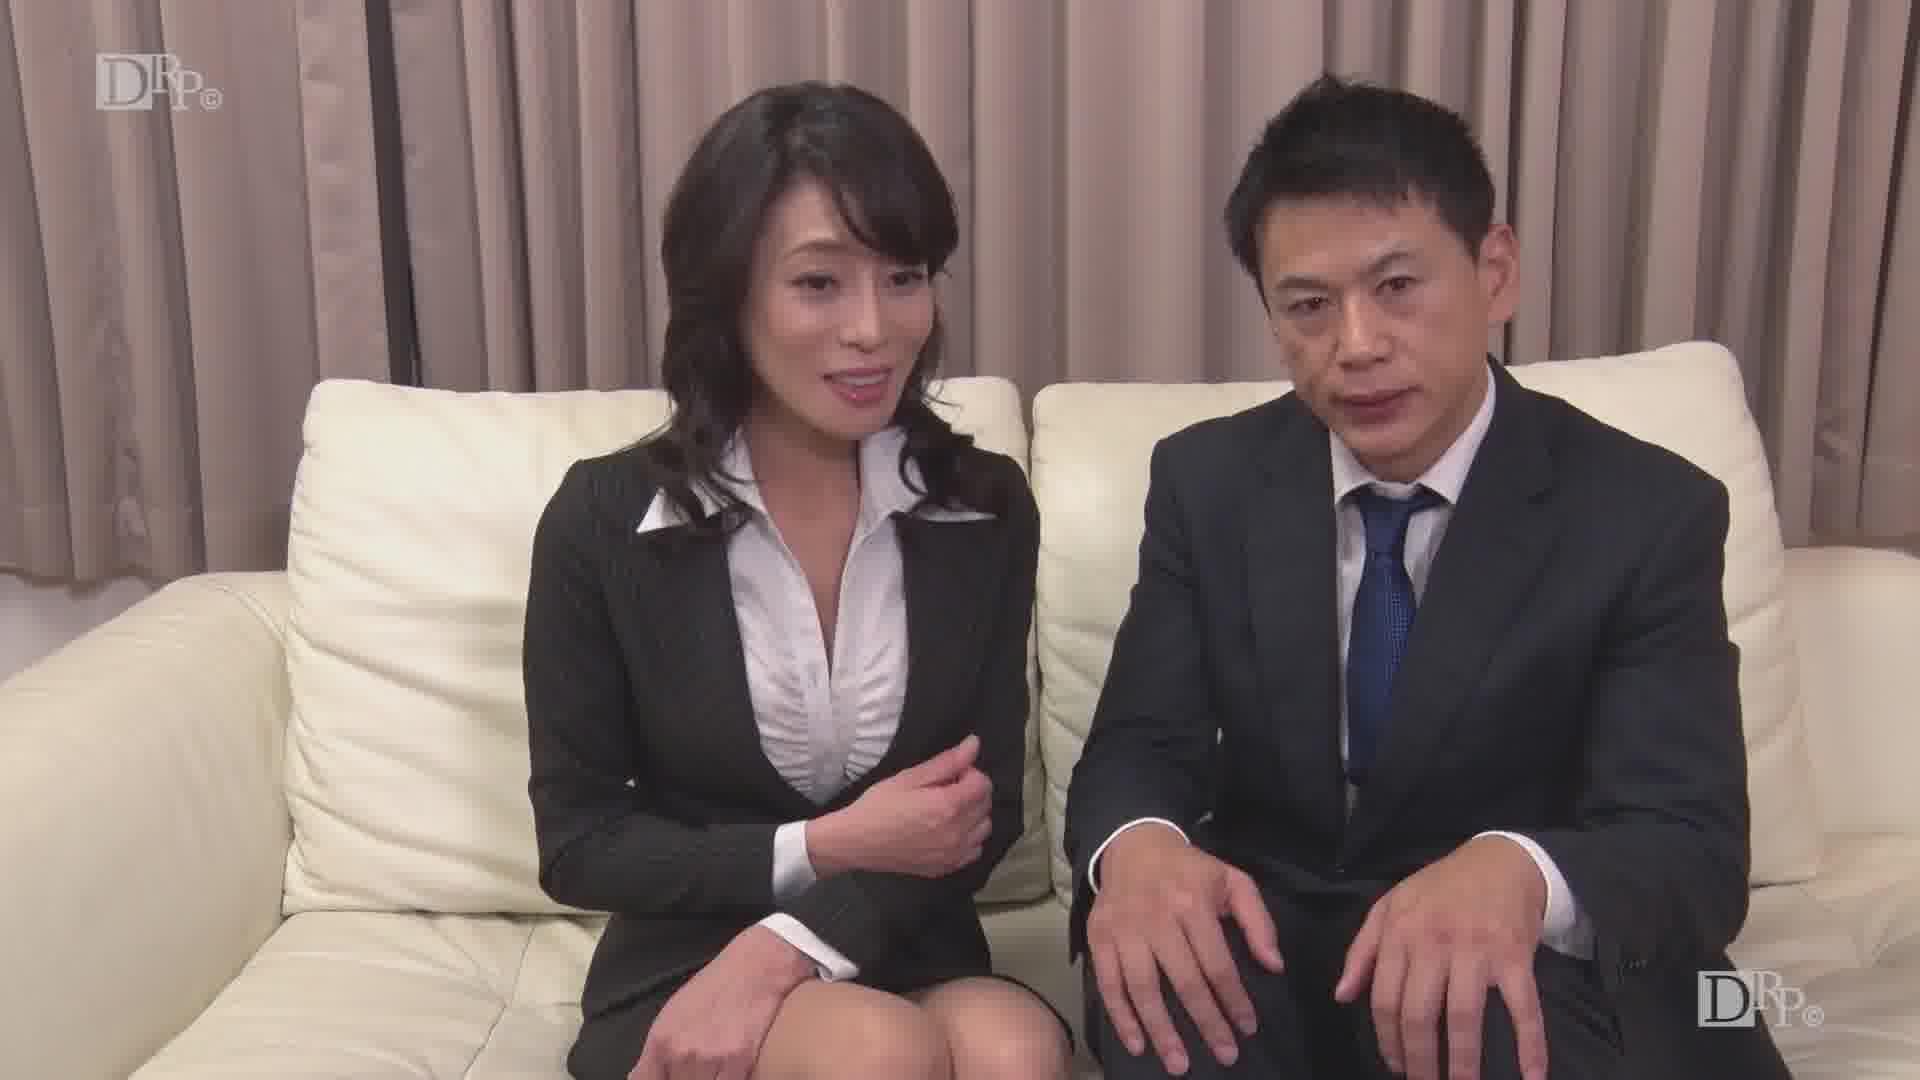 熟女スーツの下はグッチョグチョ - 北島玲【イラマチオ・巨乳・中出し】